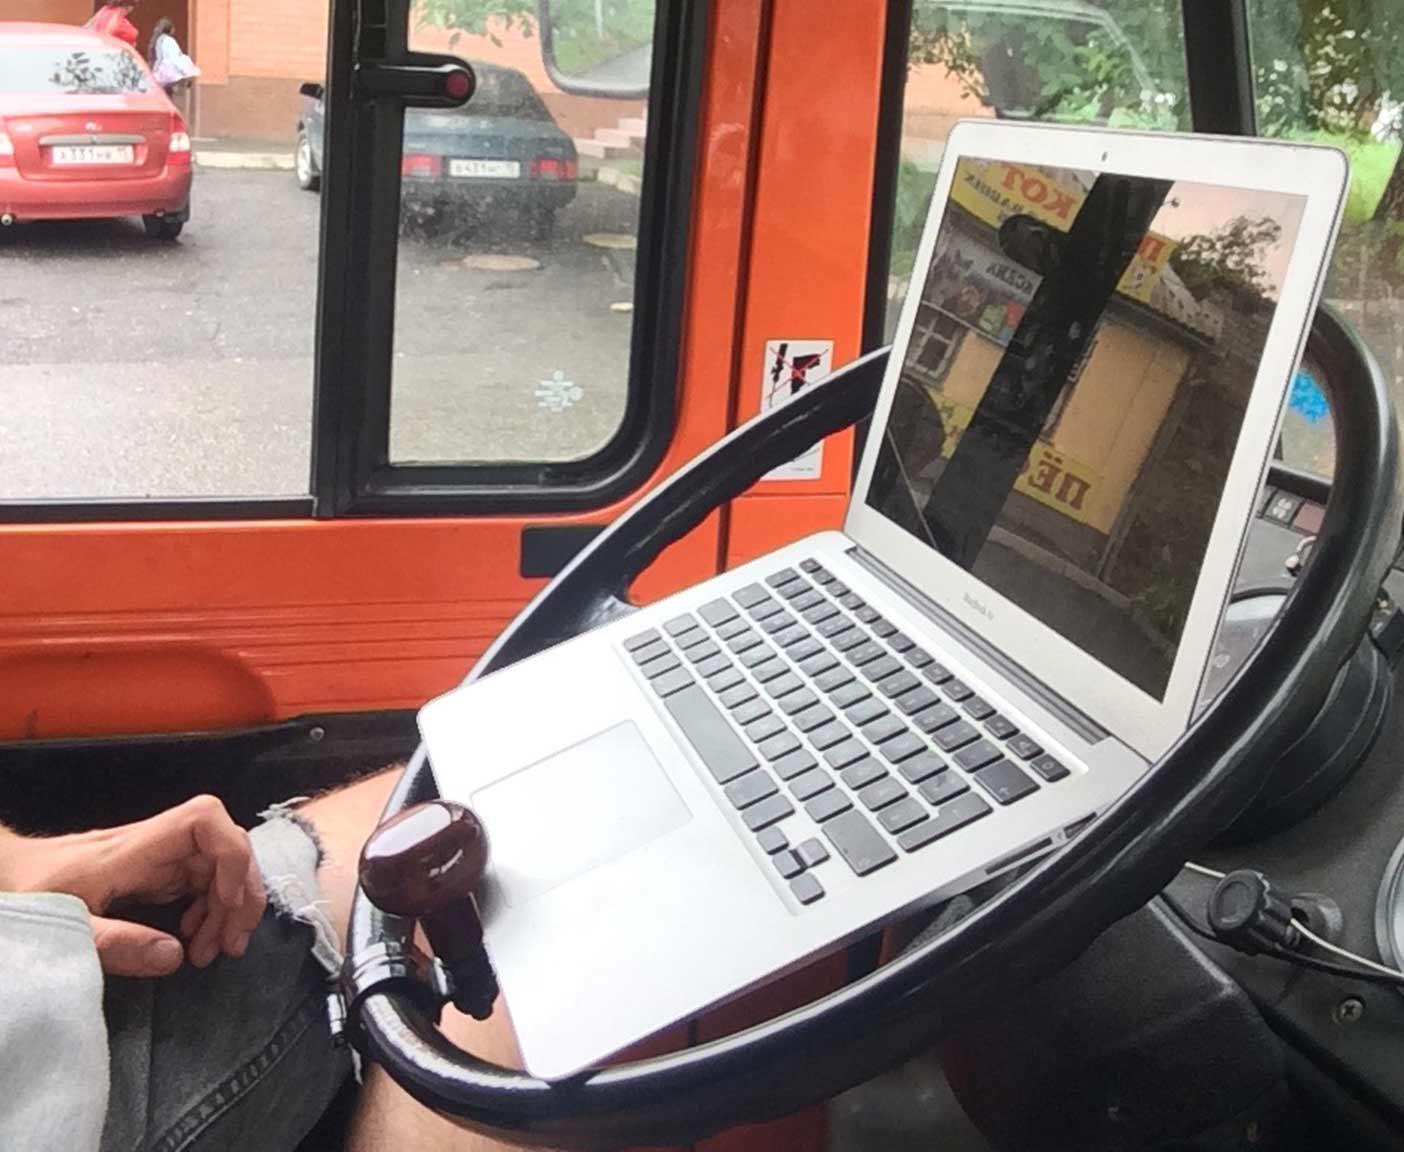 mobiles-arbeiten-wohnmobil-digitale-nomaden-von-unterwegs-gruende-reglungen-5